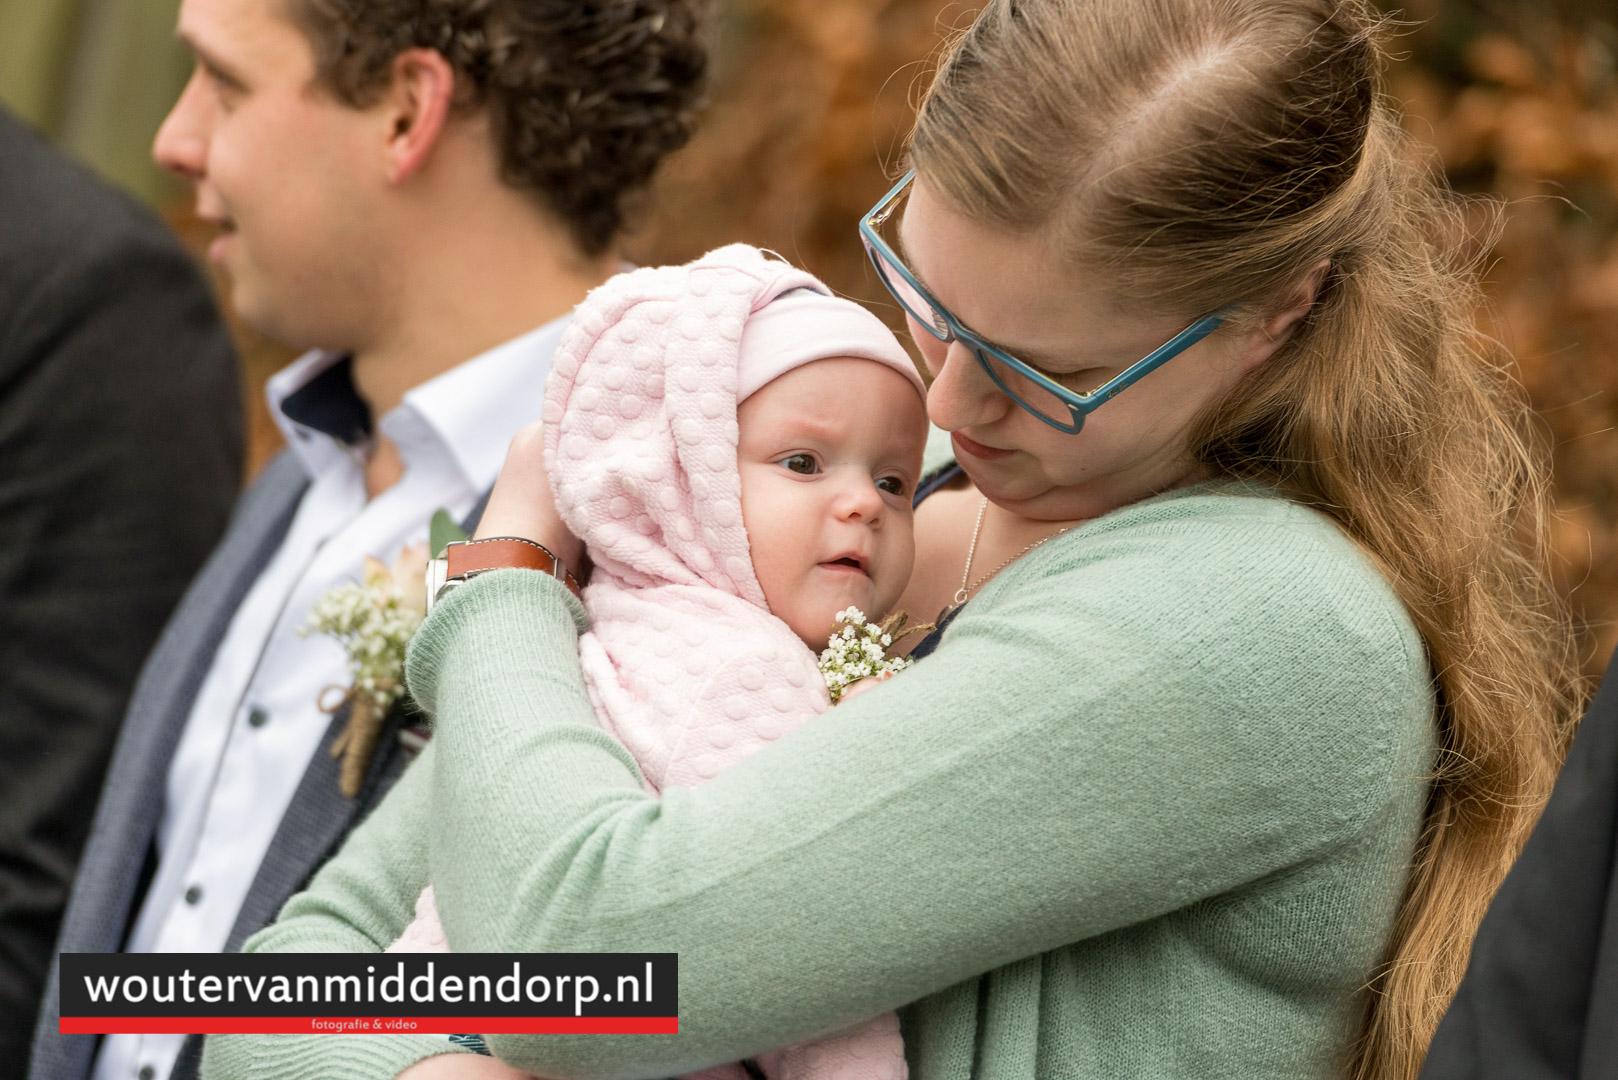 foto Wouter van Middendorp Uddel, Veluwe, Gelderland, trouwfotograaf (6)